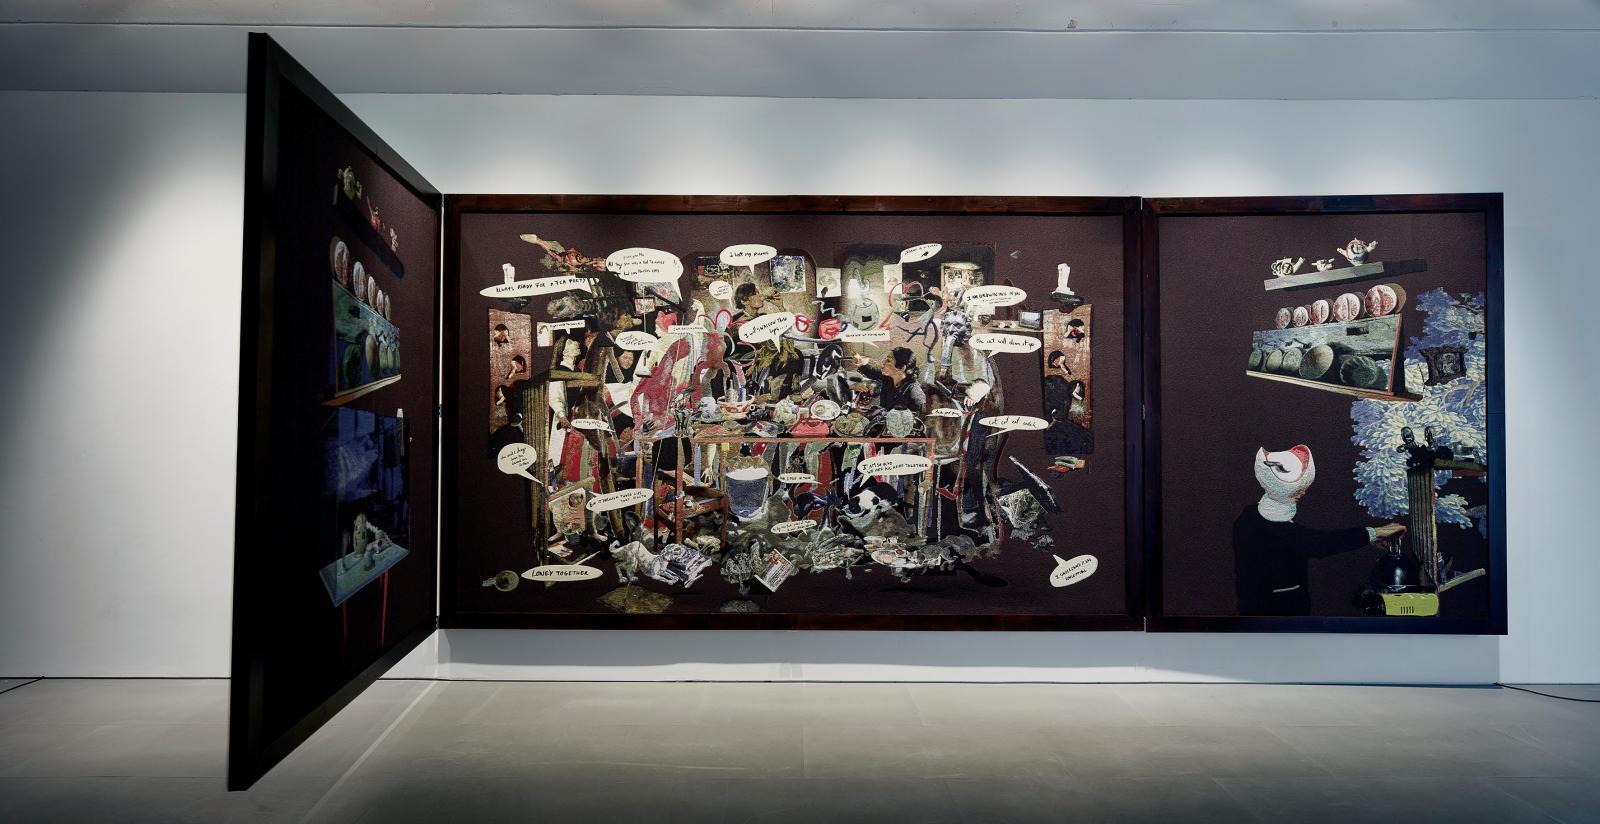 Diner Party, 2015, tapisserie, 262x866x8cm. courtesy de l'artiste, Galerie Nathalie Obadia (Paris/Bruxelles) et Cartier/Gebauer (Berlin)